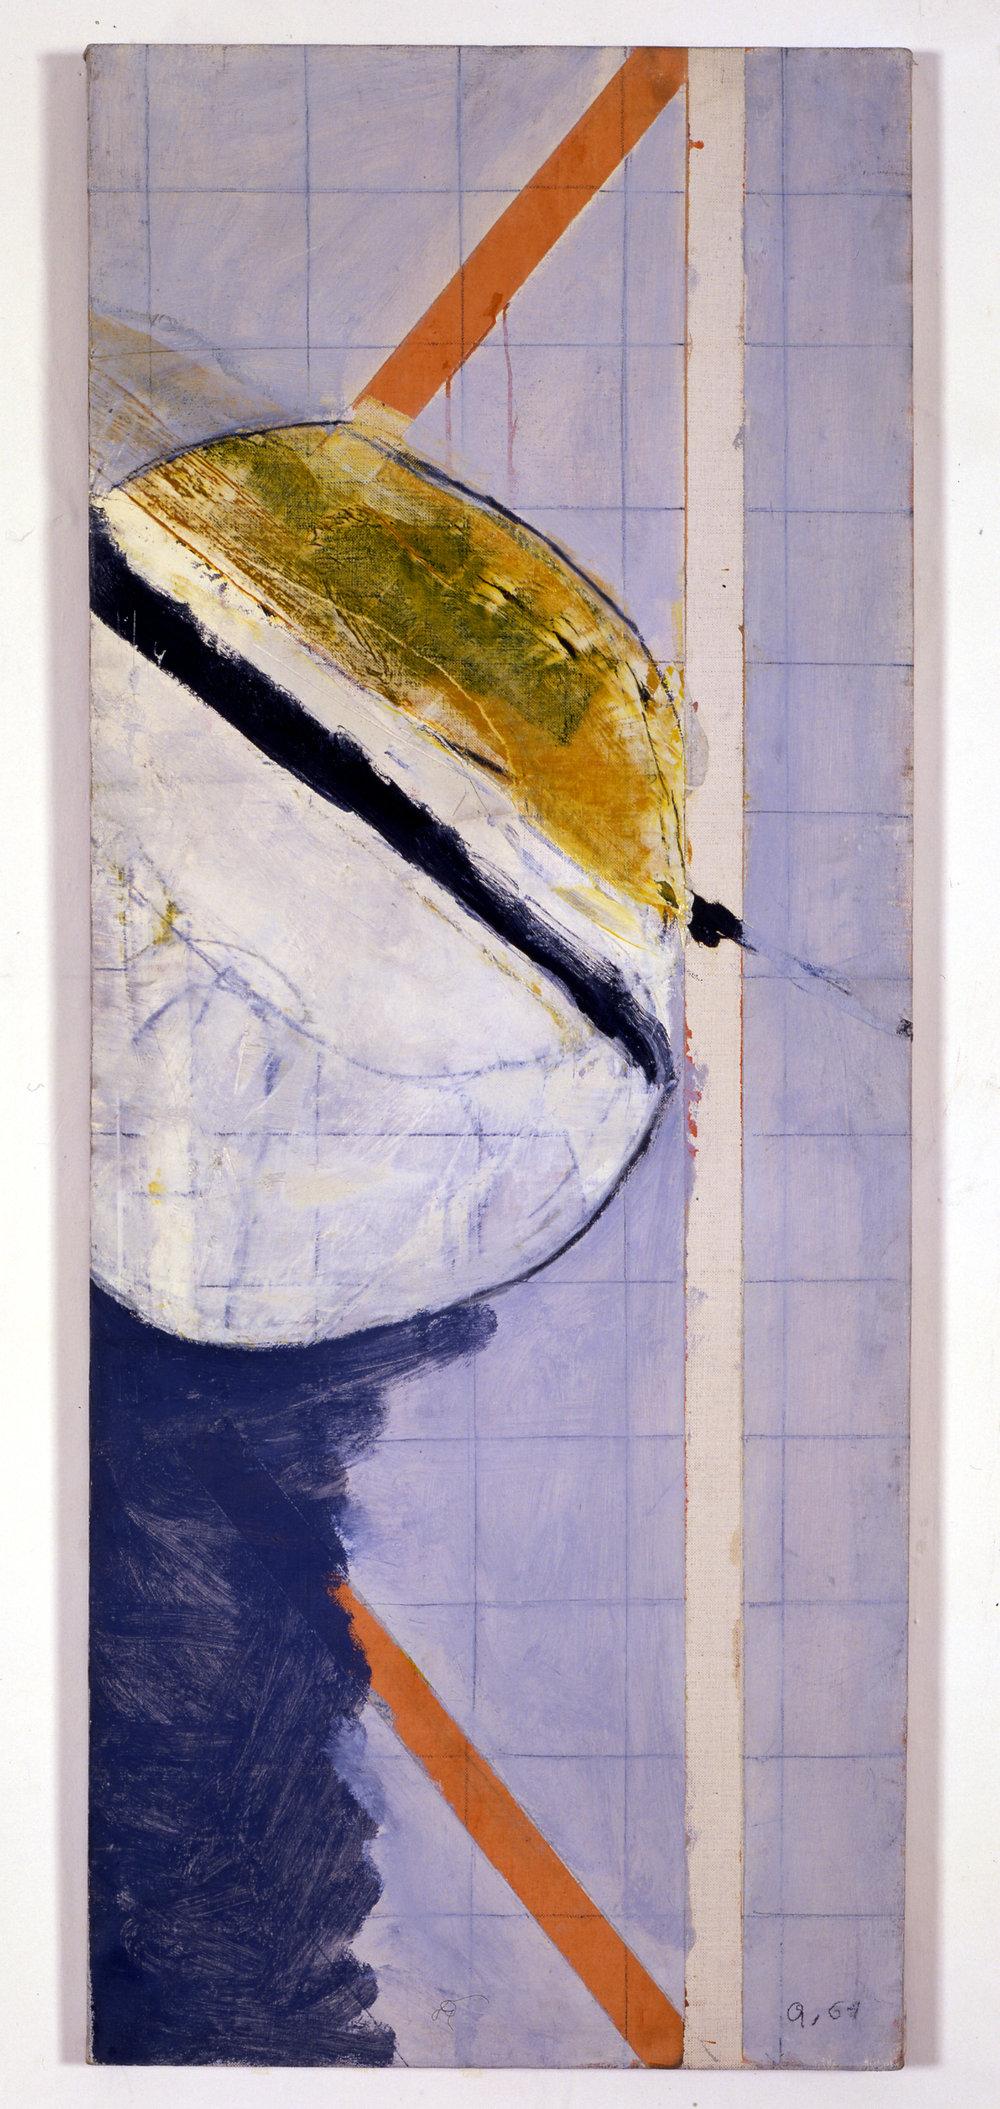 Rodolfo Aricò_Figura strutturata_1964.JPG